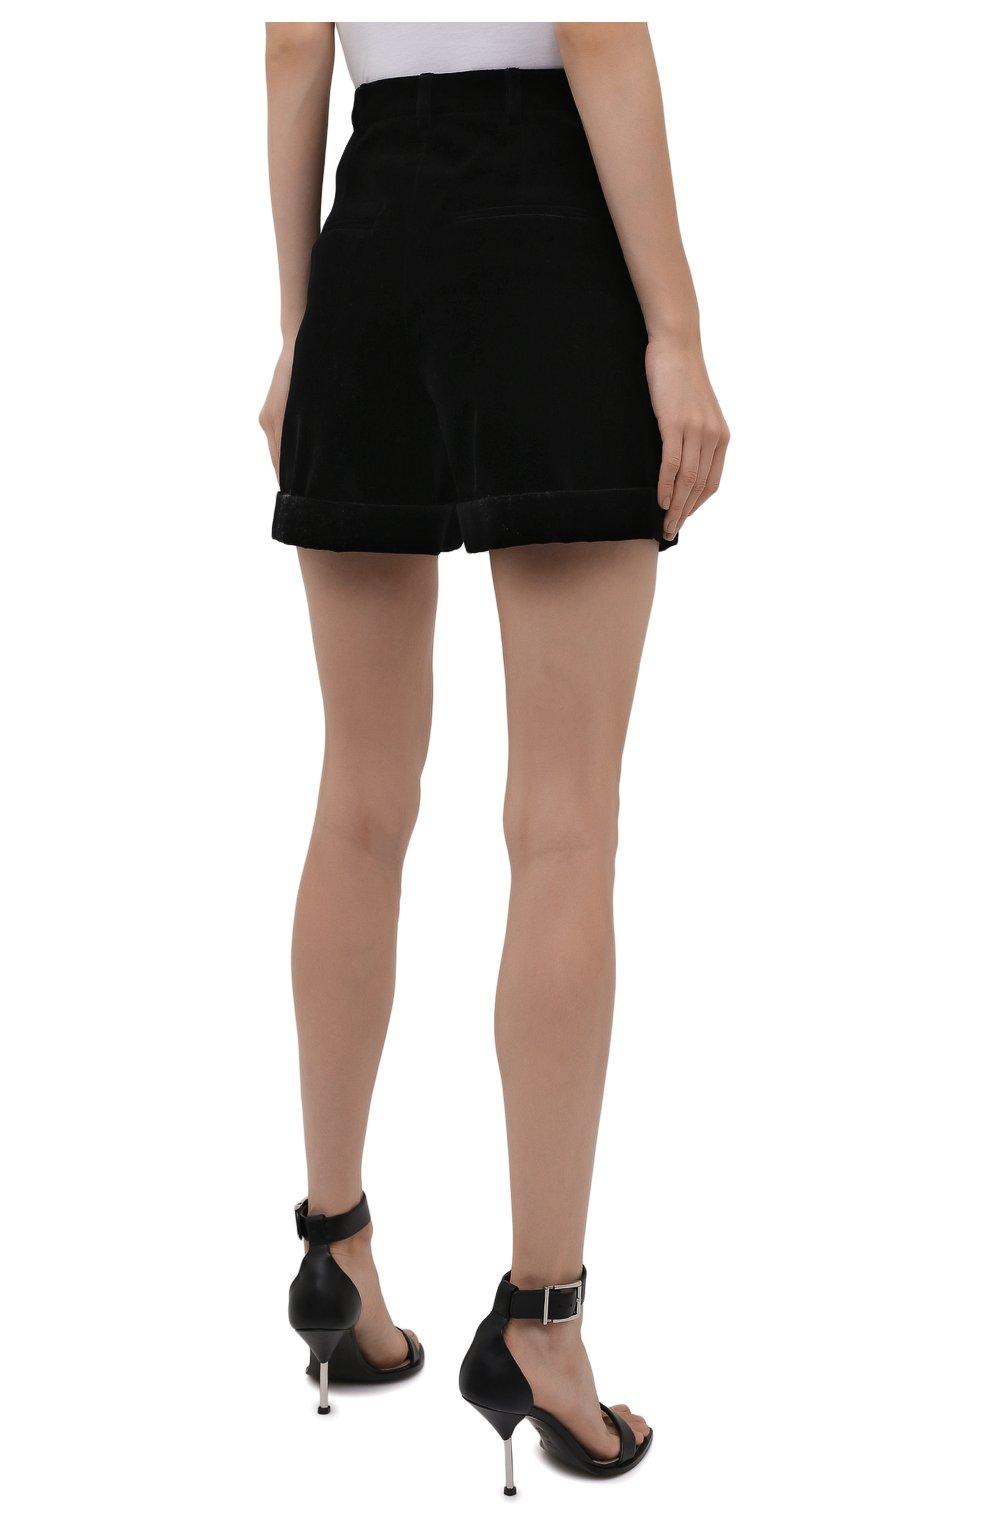 Женские хлопковые шорты SAINT LAURENT черного цвета, арт. 661357/Y615W | Фото 4 (Женское Кросс-КТ: Шорты-одежда; Стили: Гламурный; Длина Ж (юбки, платья, шорты): Мини; Материал внешний: Хлопок; Материал подклада: Шелк)